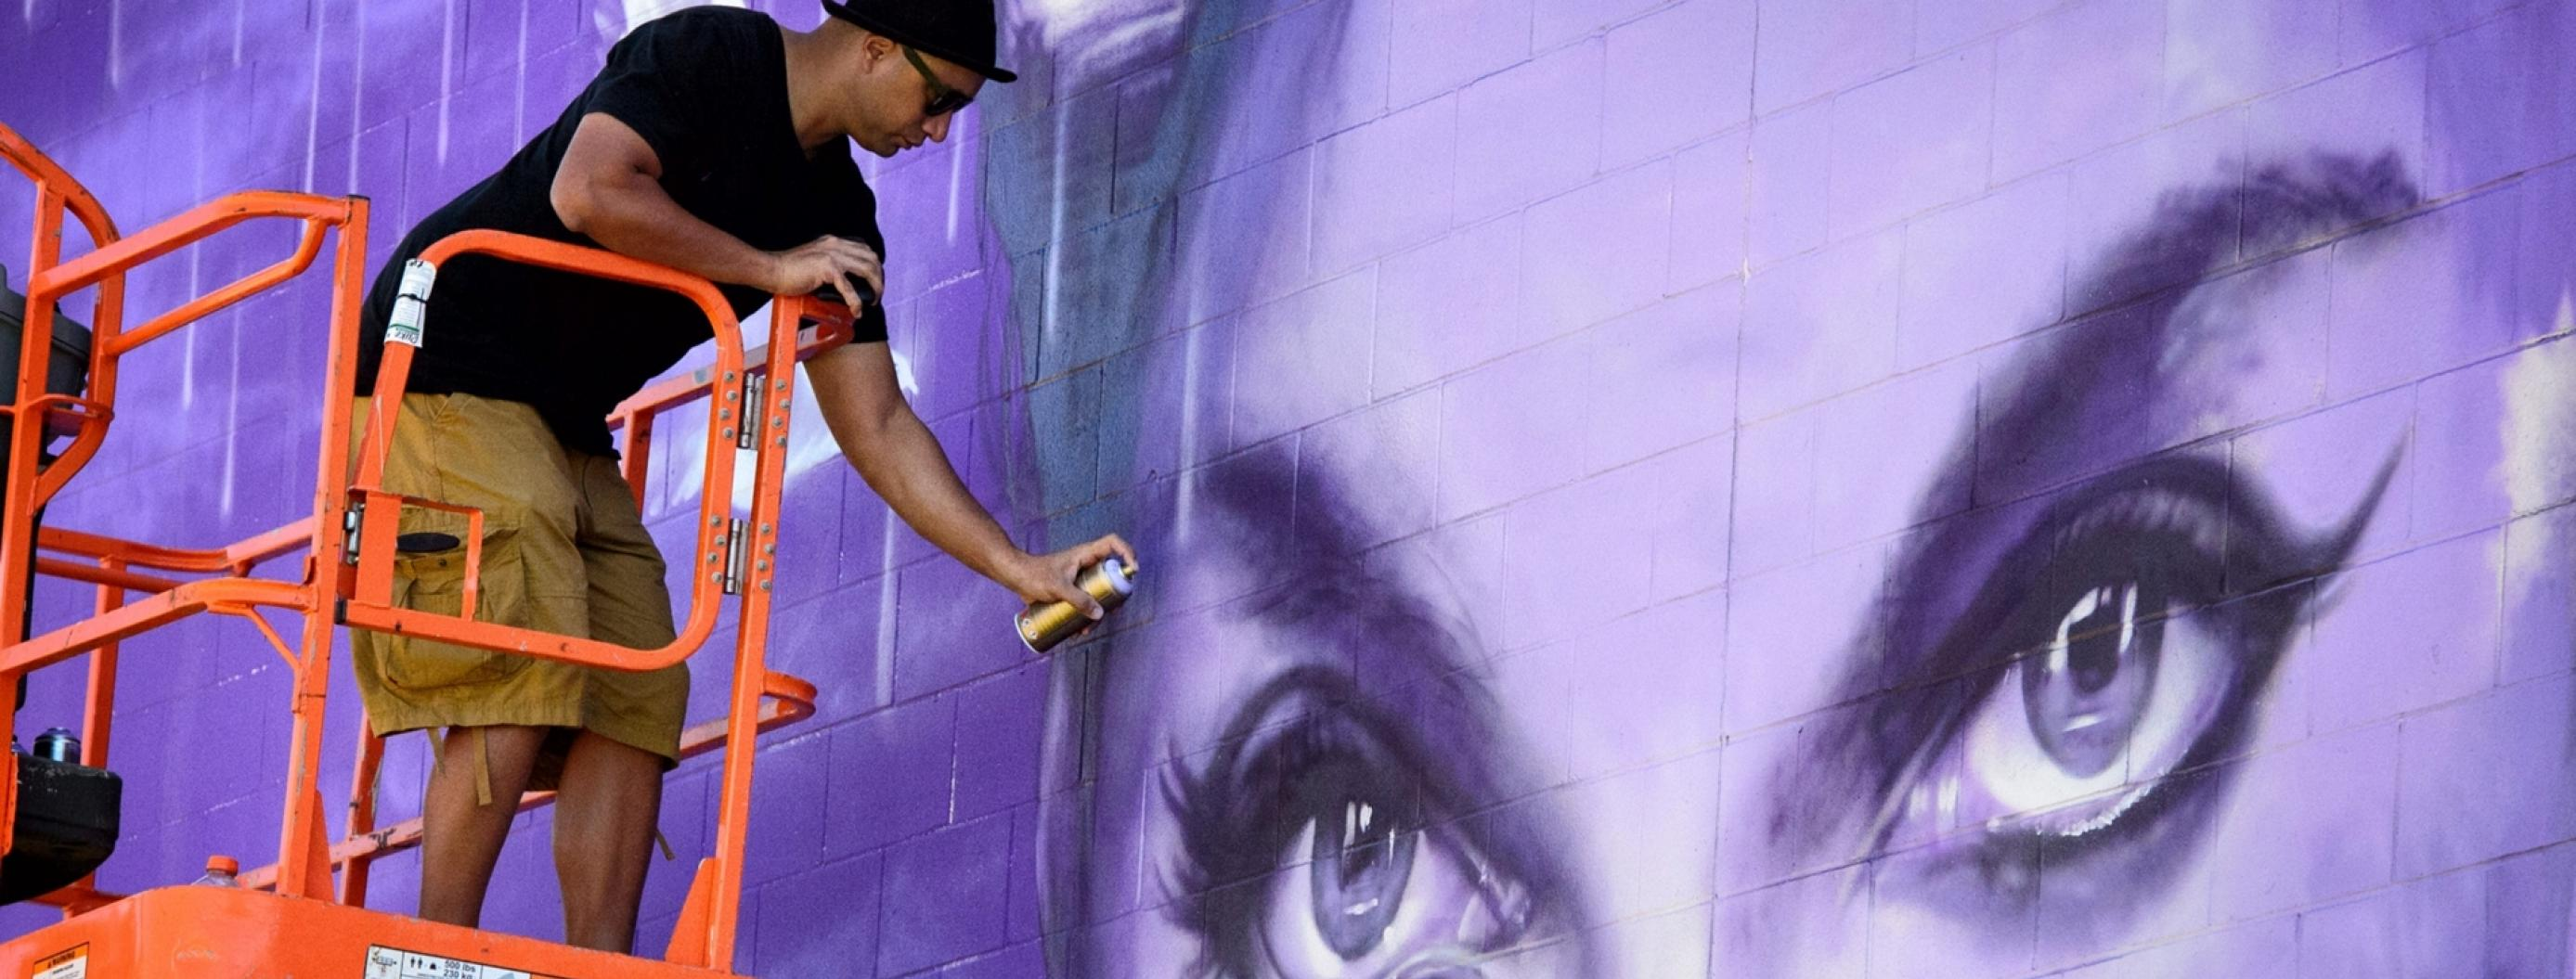 Minneapolis Through Prince's Eyes